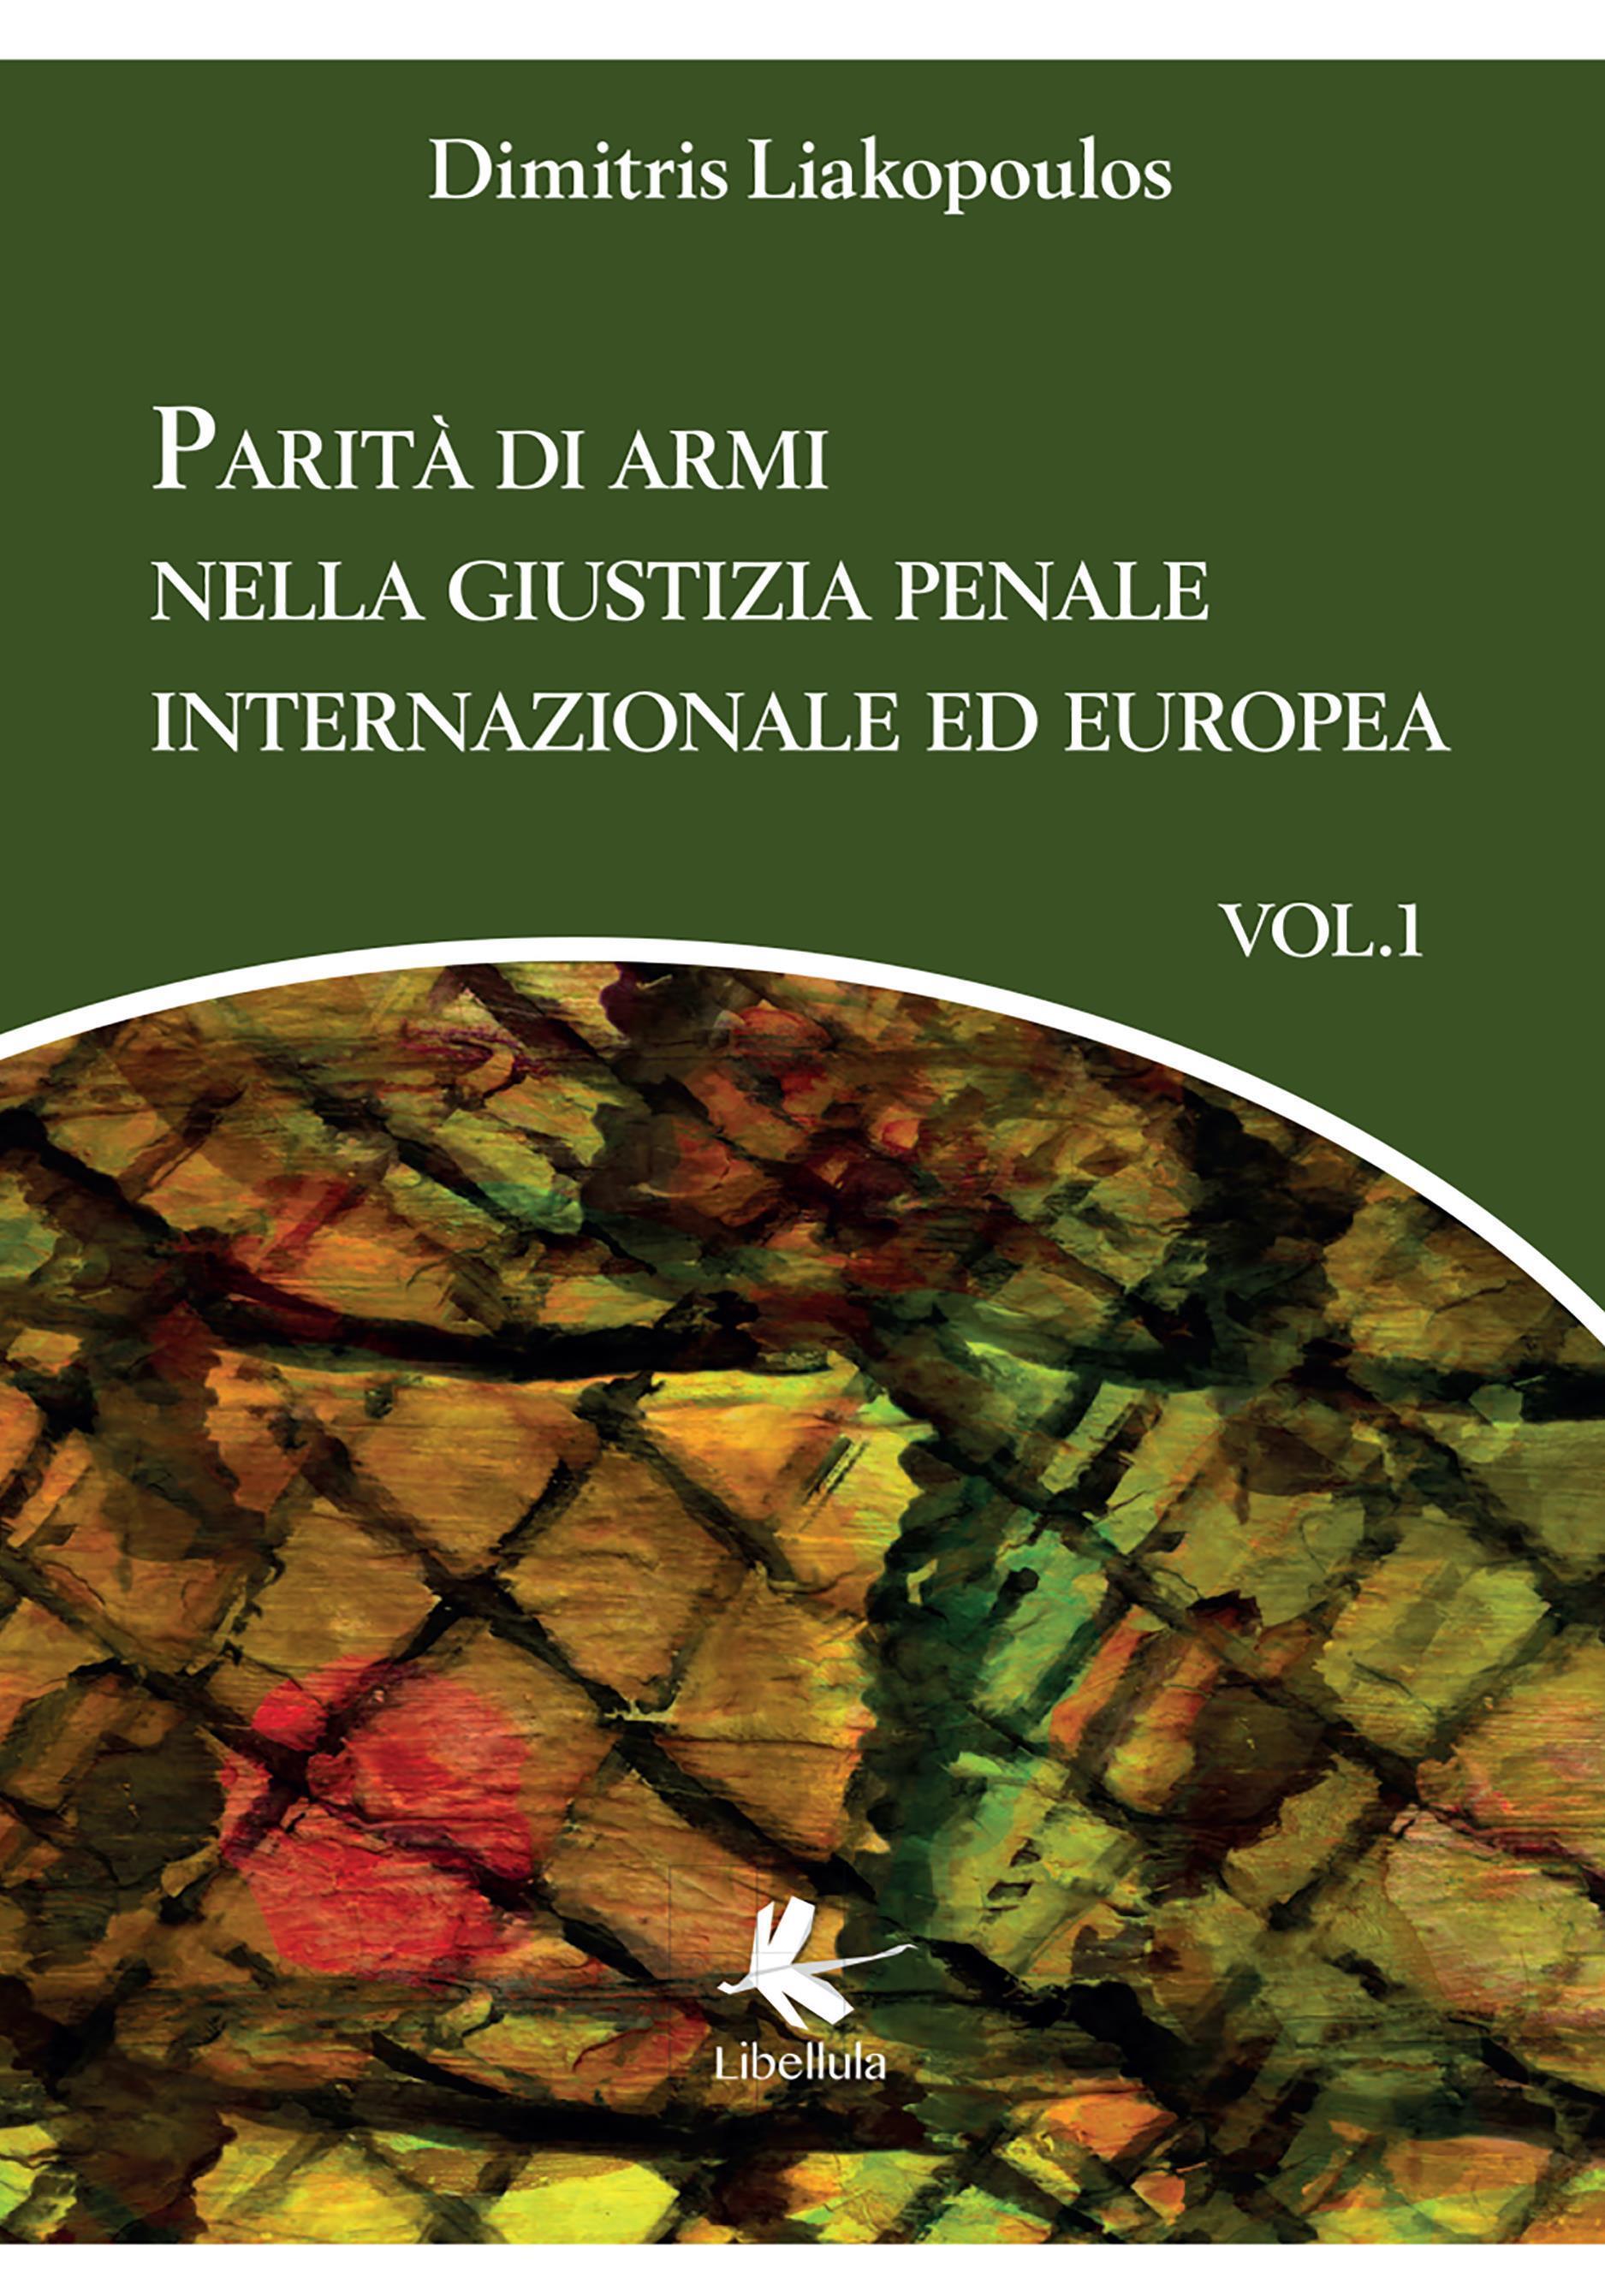 Parità di armi nella giustizia penale internazionale ed europea. Volume 1